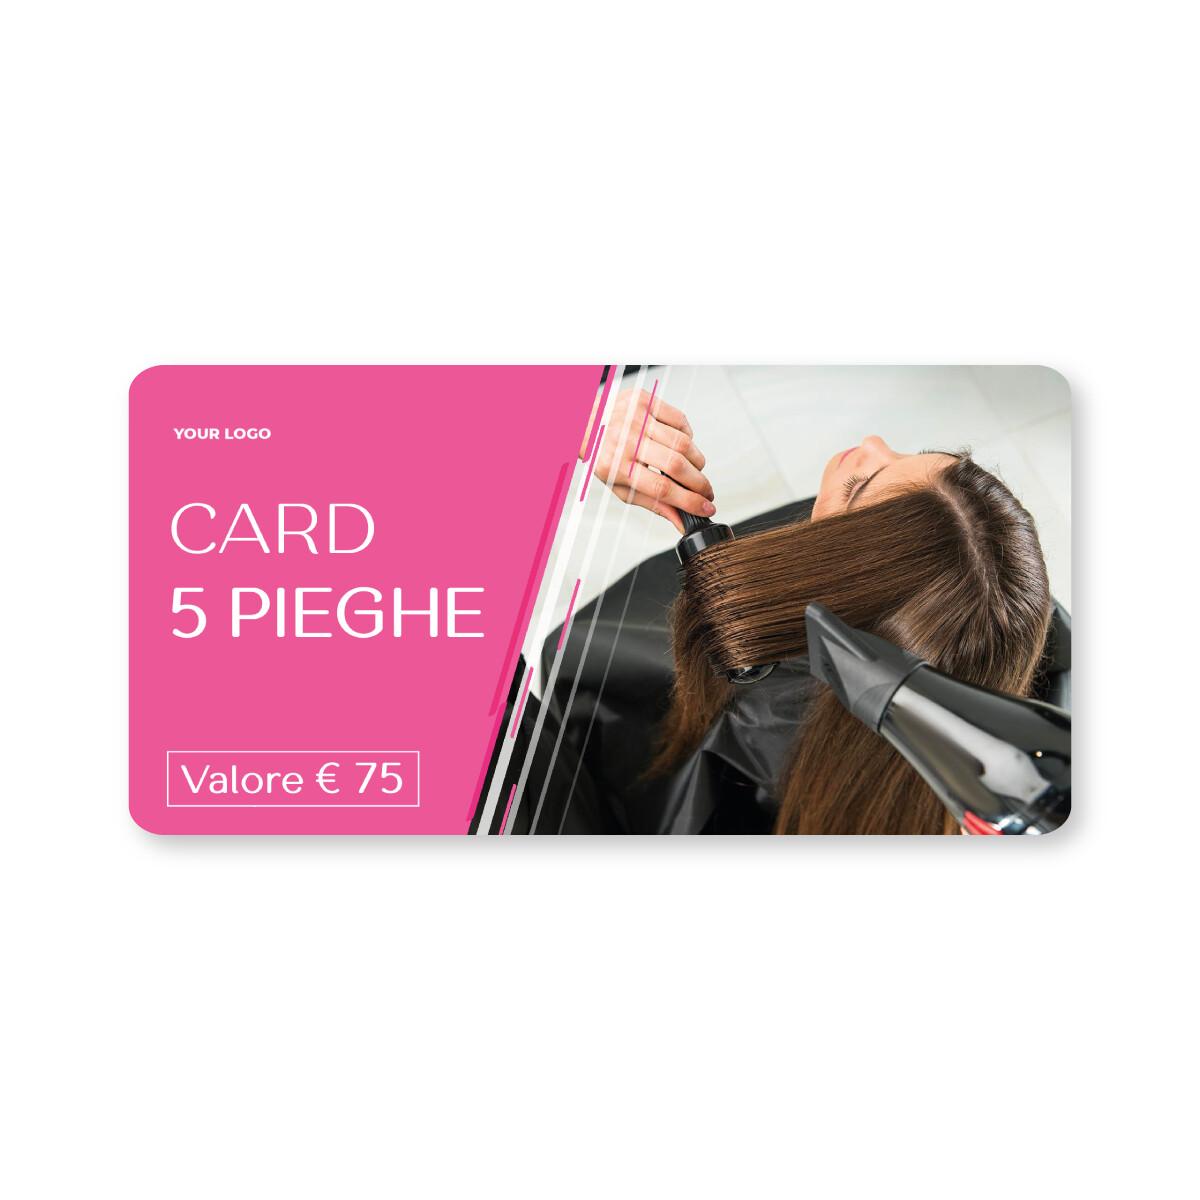 [ESEMPIO] Card 5 Pieghe